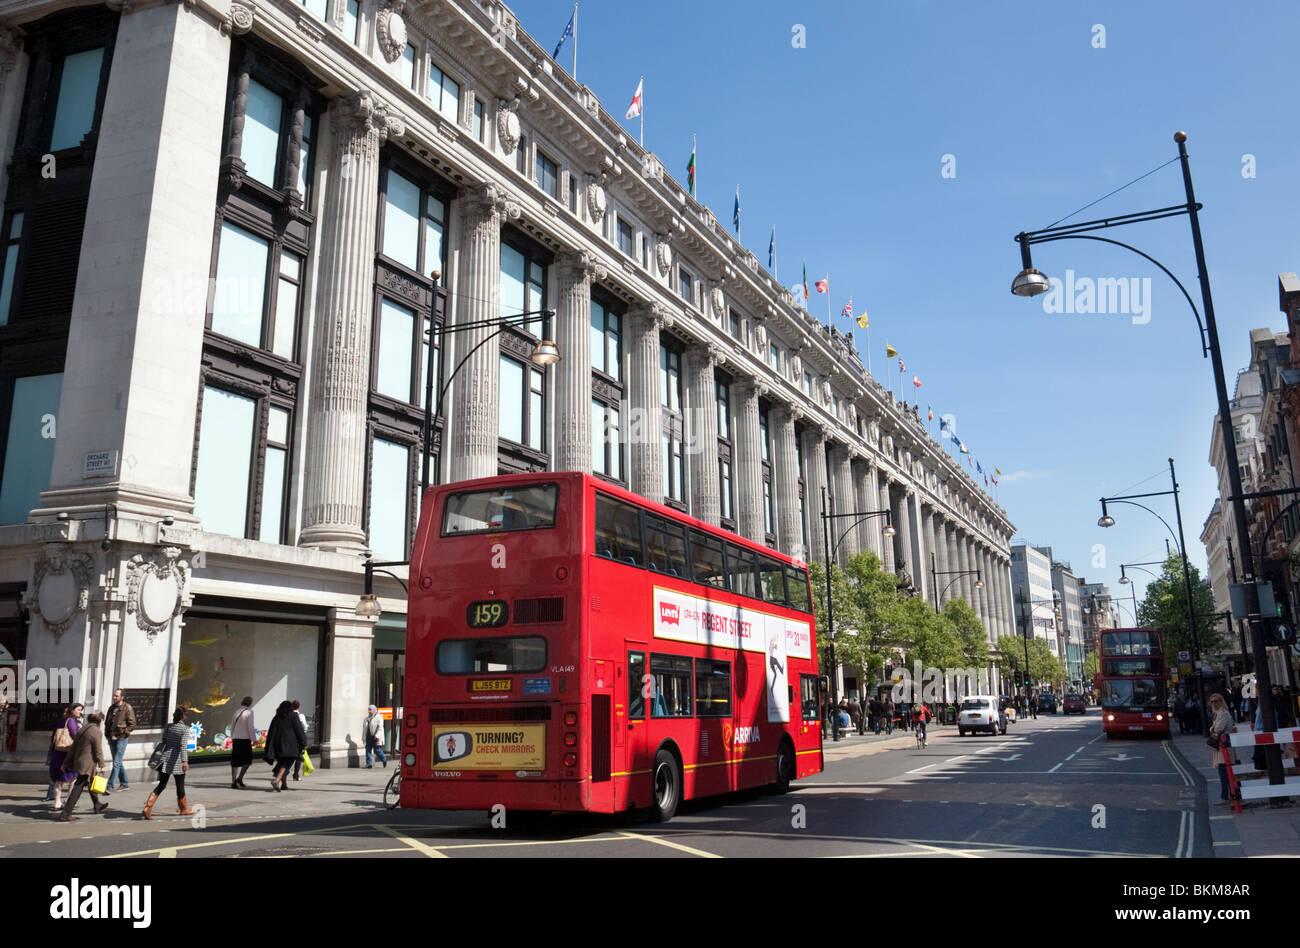 Gli autobus al di fuori di magazzini Selfridges in una giornata di sole in estate, Oxford Street, London REGNO UNITO Foto Stock